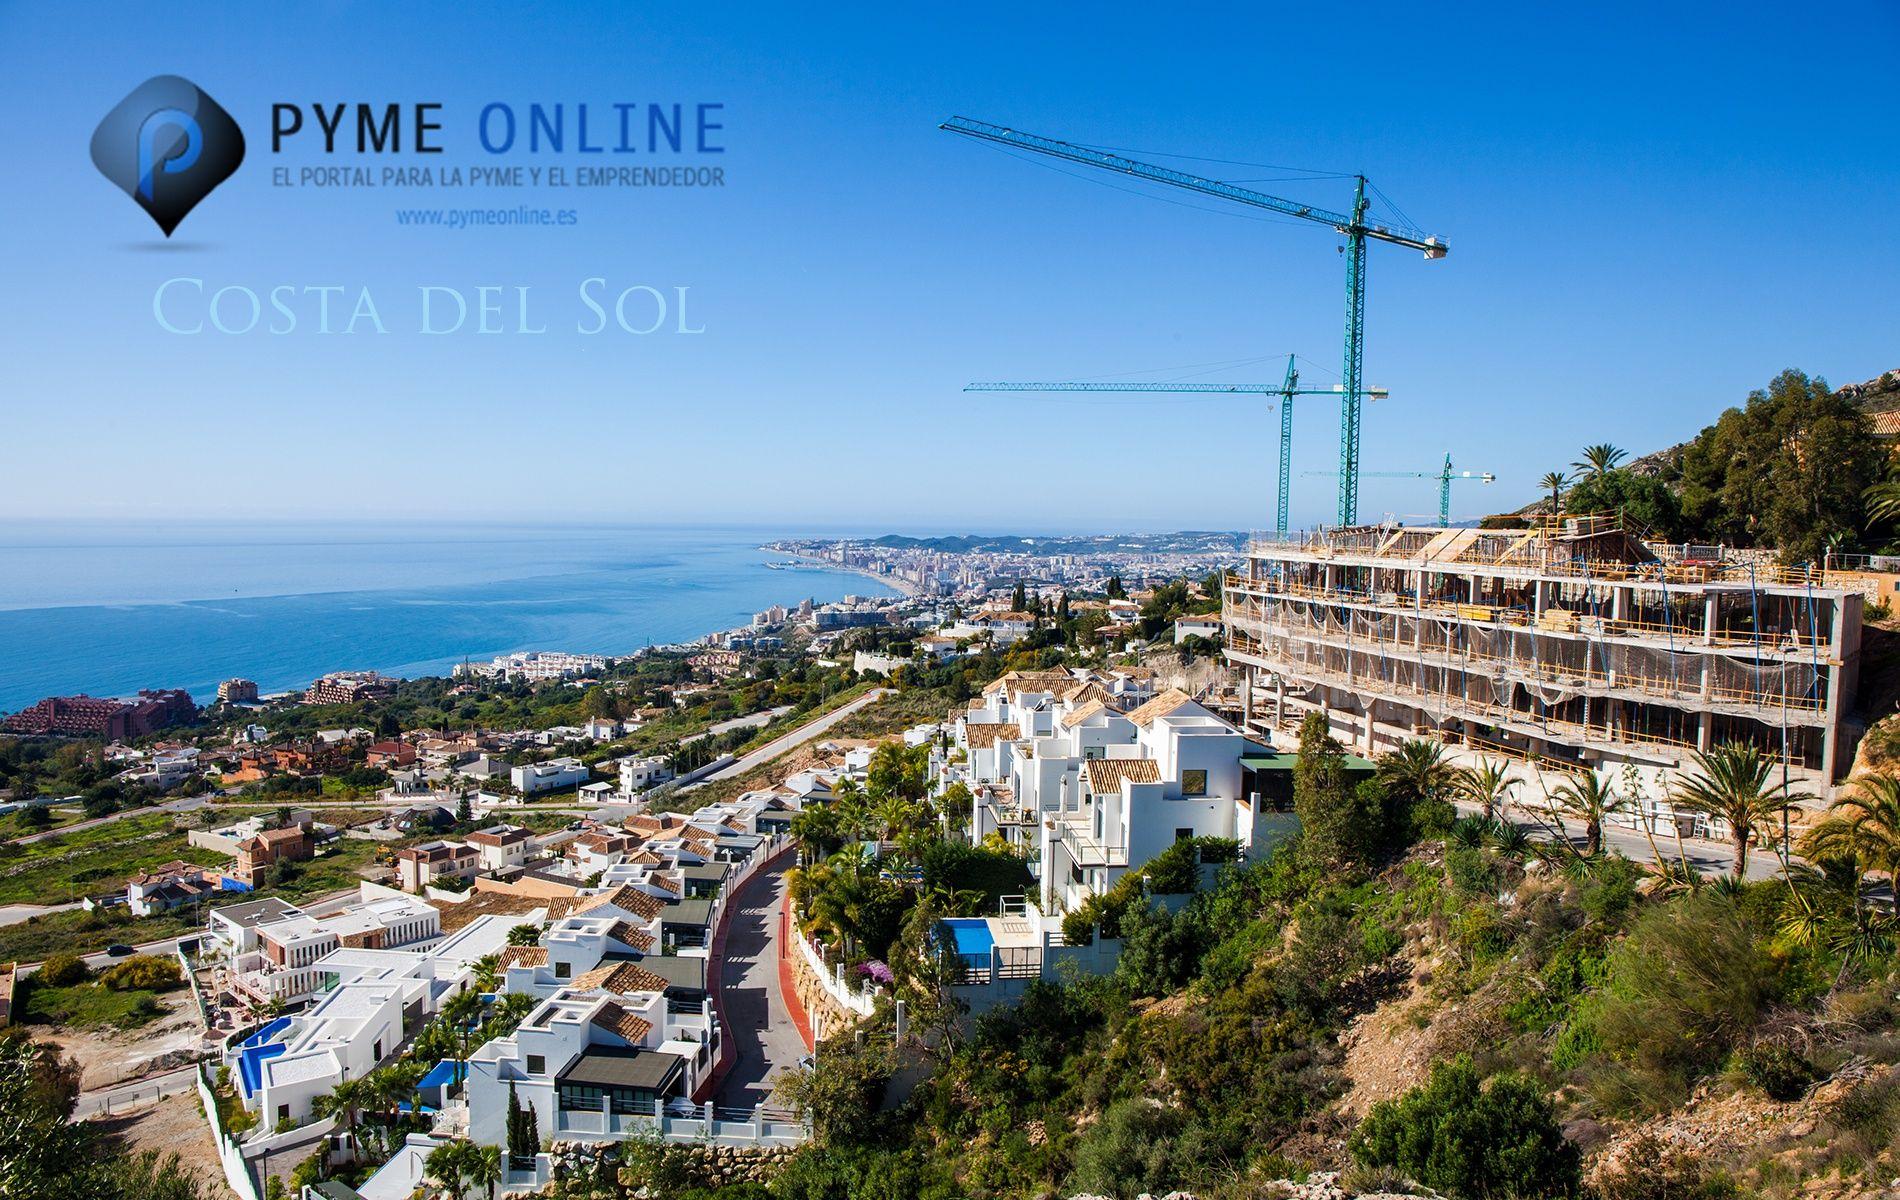 PymeOnline.es, portal de pymes y emprendedores, constata la recuperación económica en la Costa del Sol